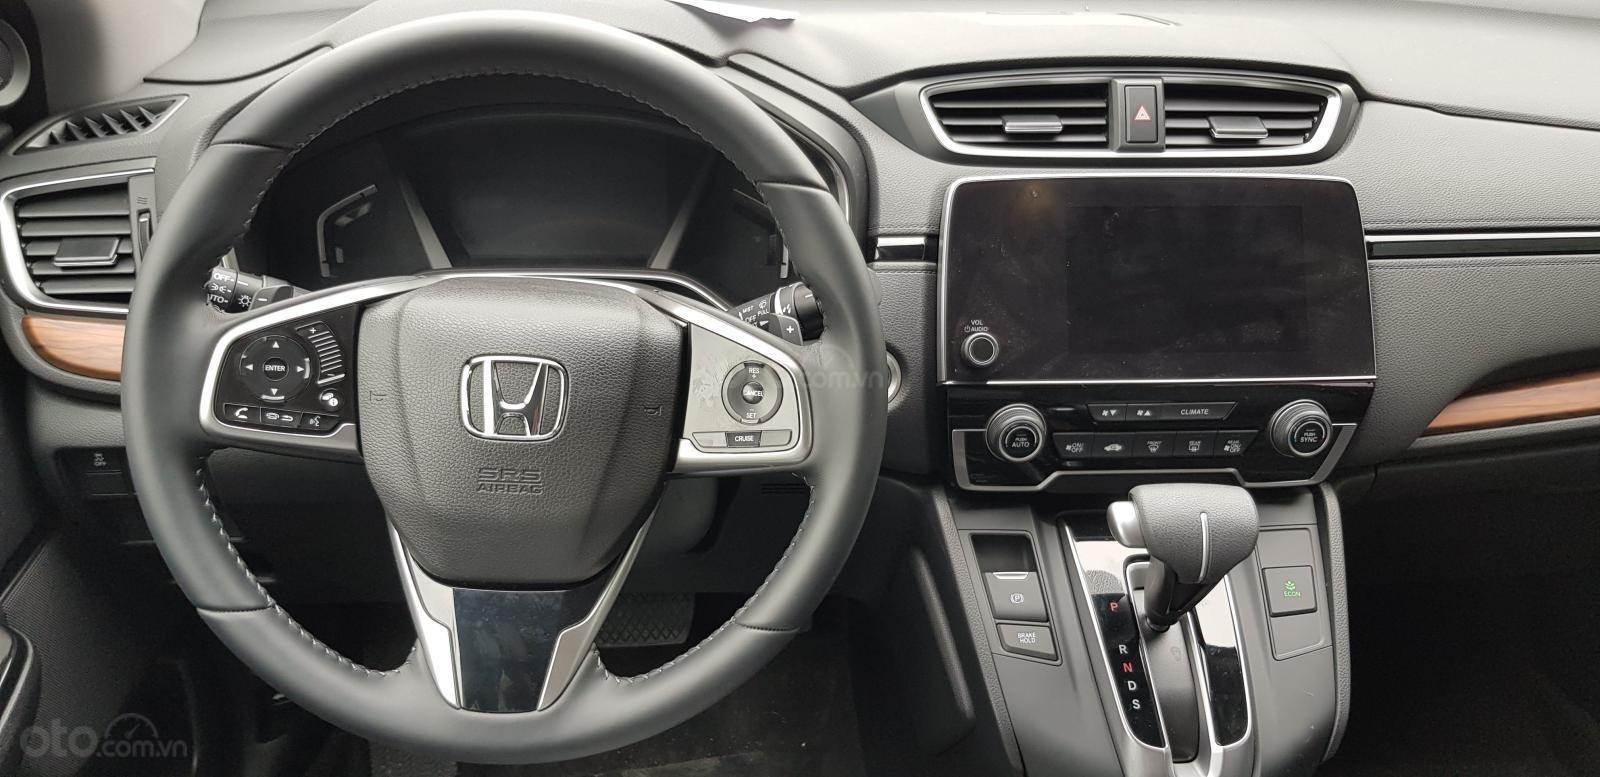 [Honda ô tô Hải Phòng] bán xe Honda CR-V 1.5G - Giá tốt nhất - Hotline: 094.964.1093 (10)